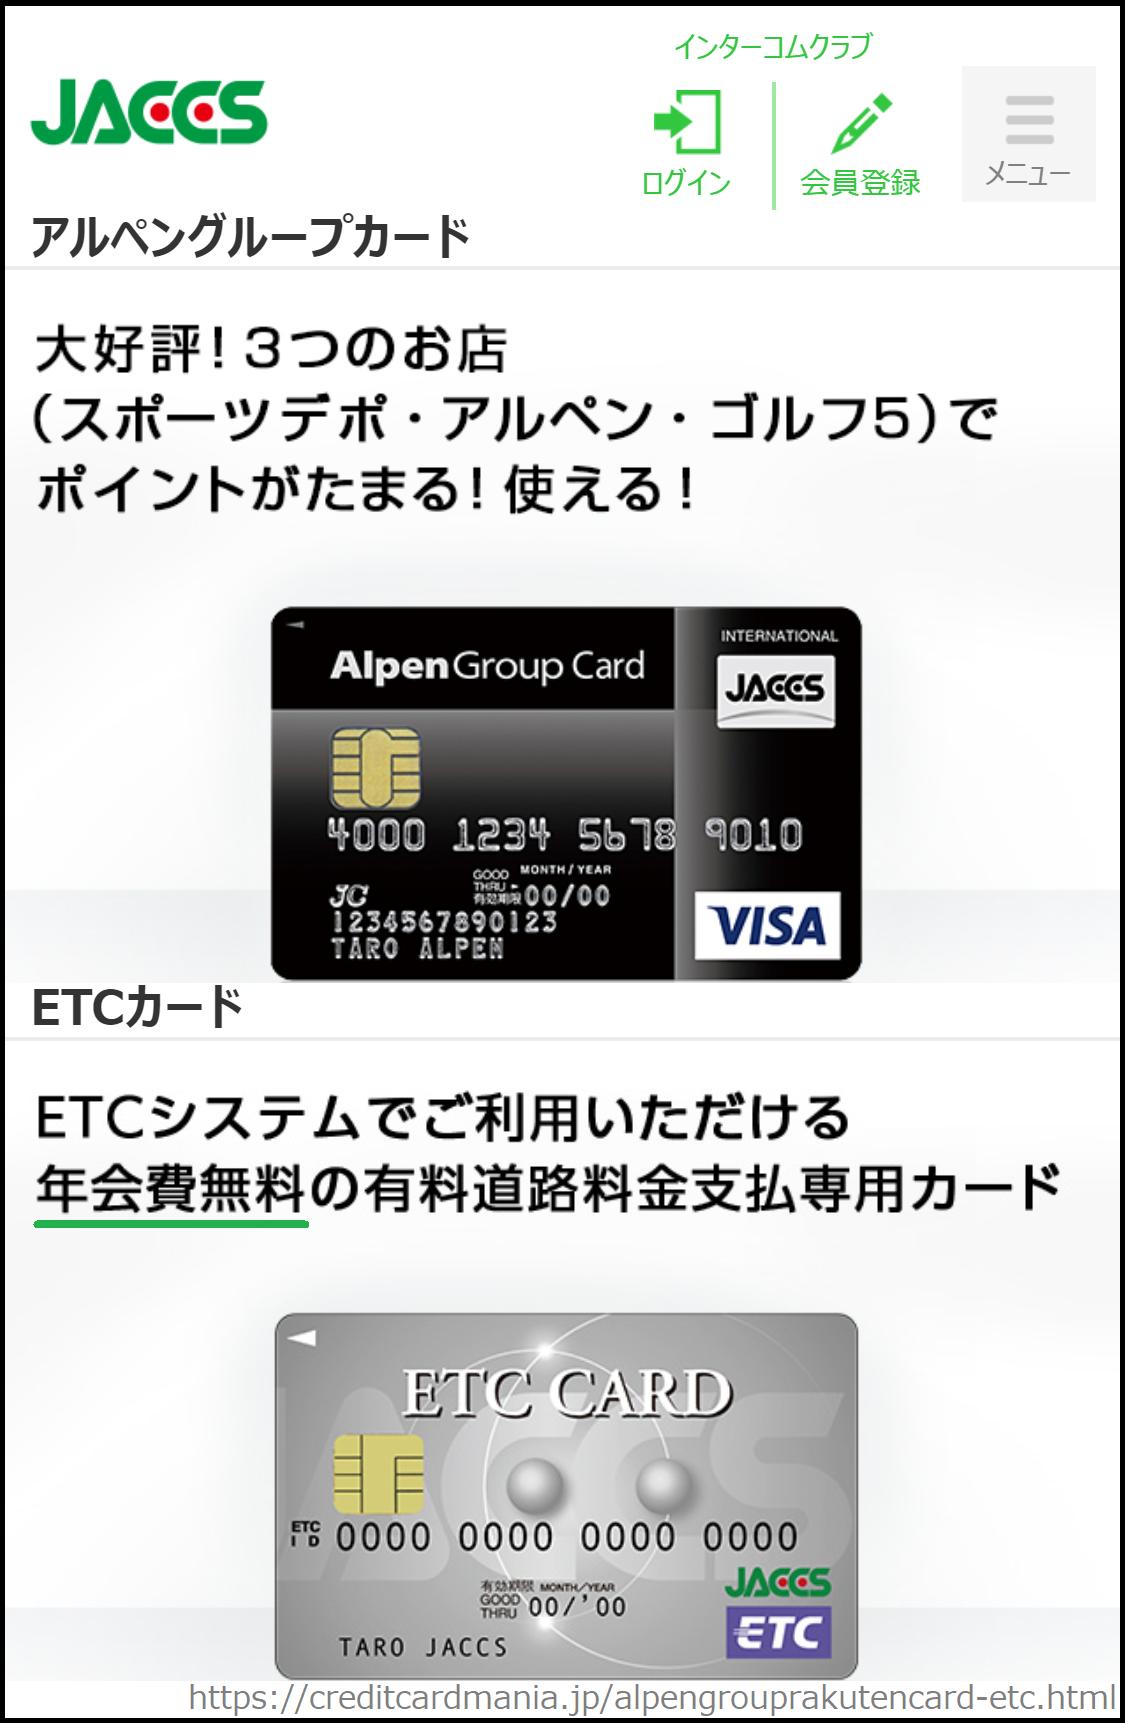 ジャックスのアルペングループカードのETCカードの年会費は無料だった